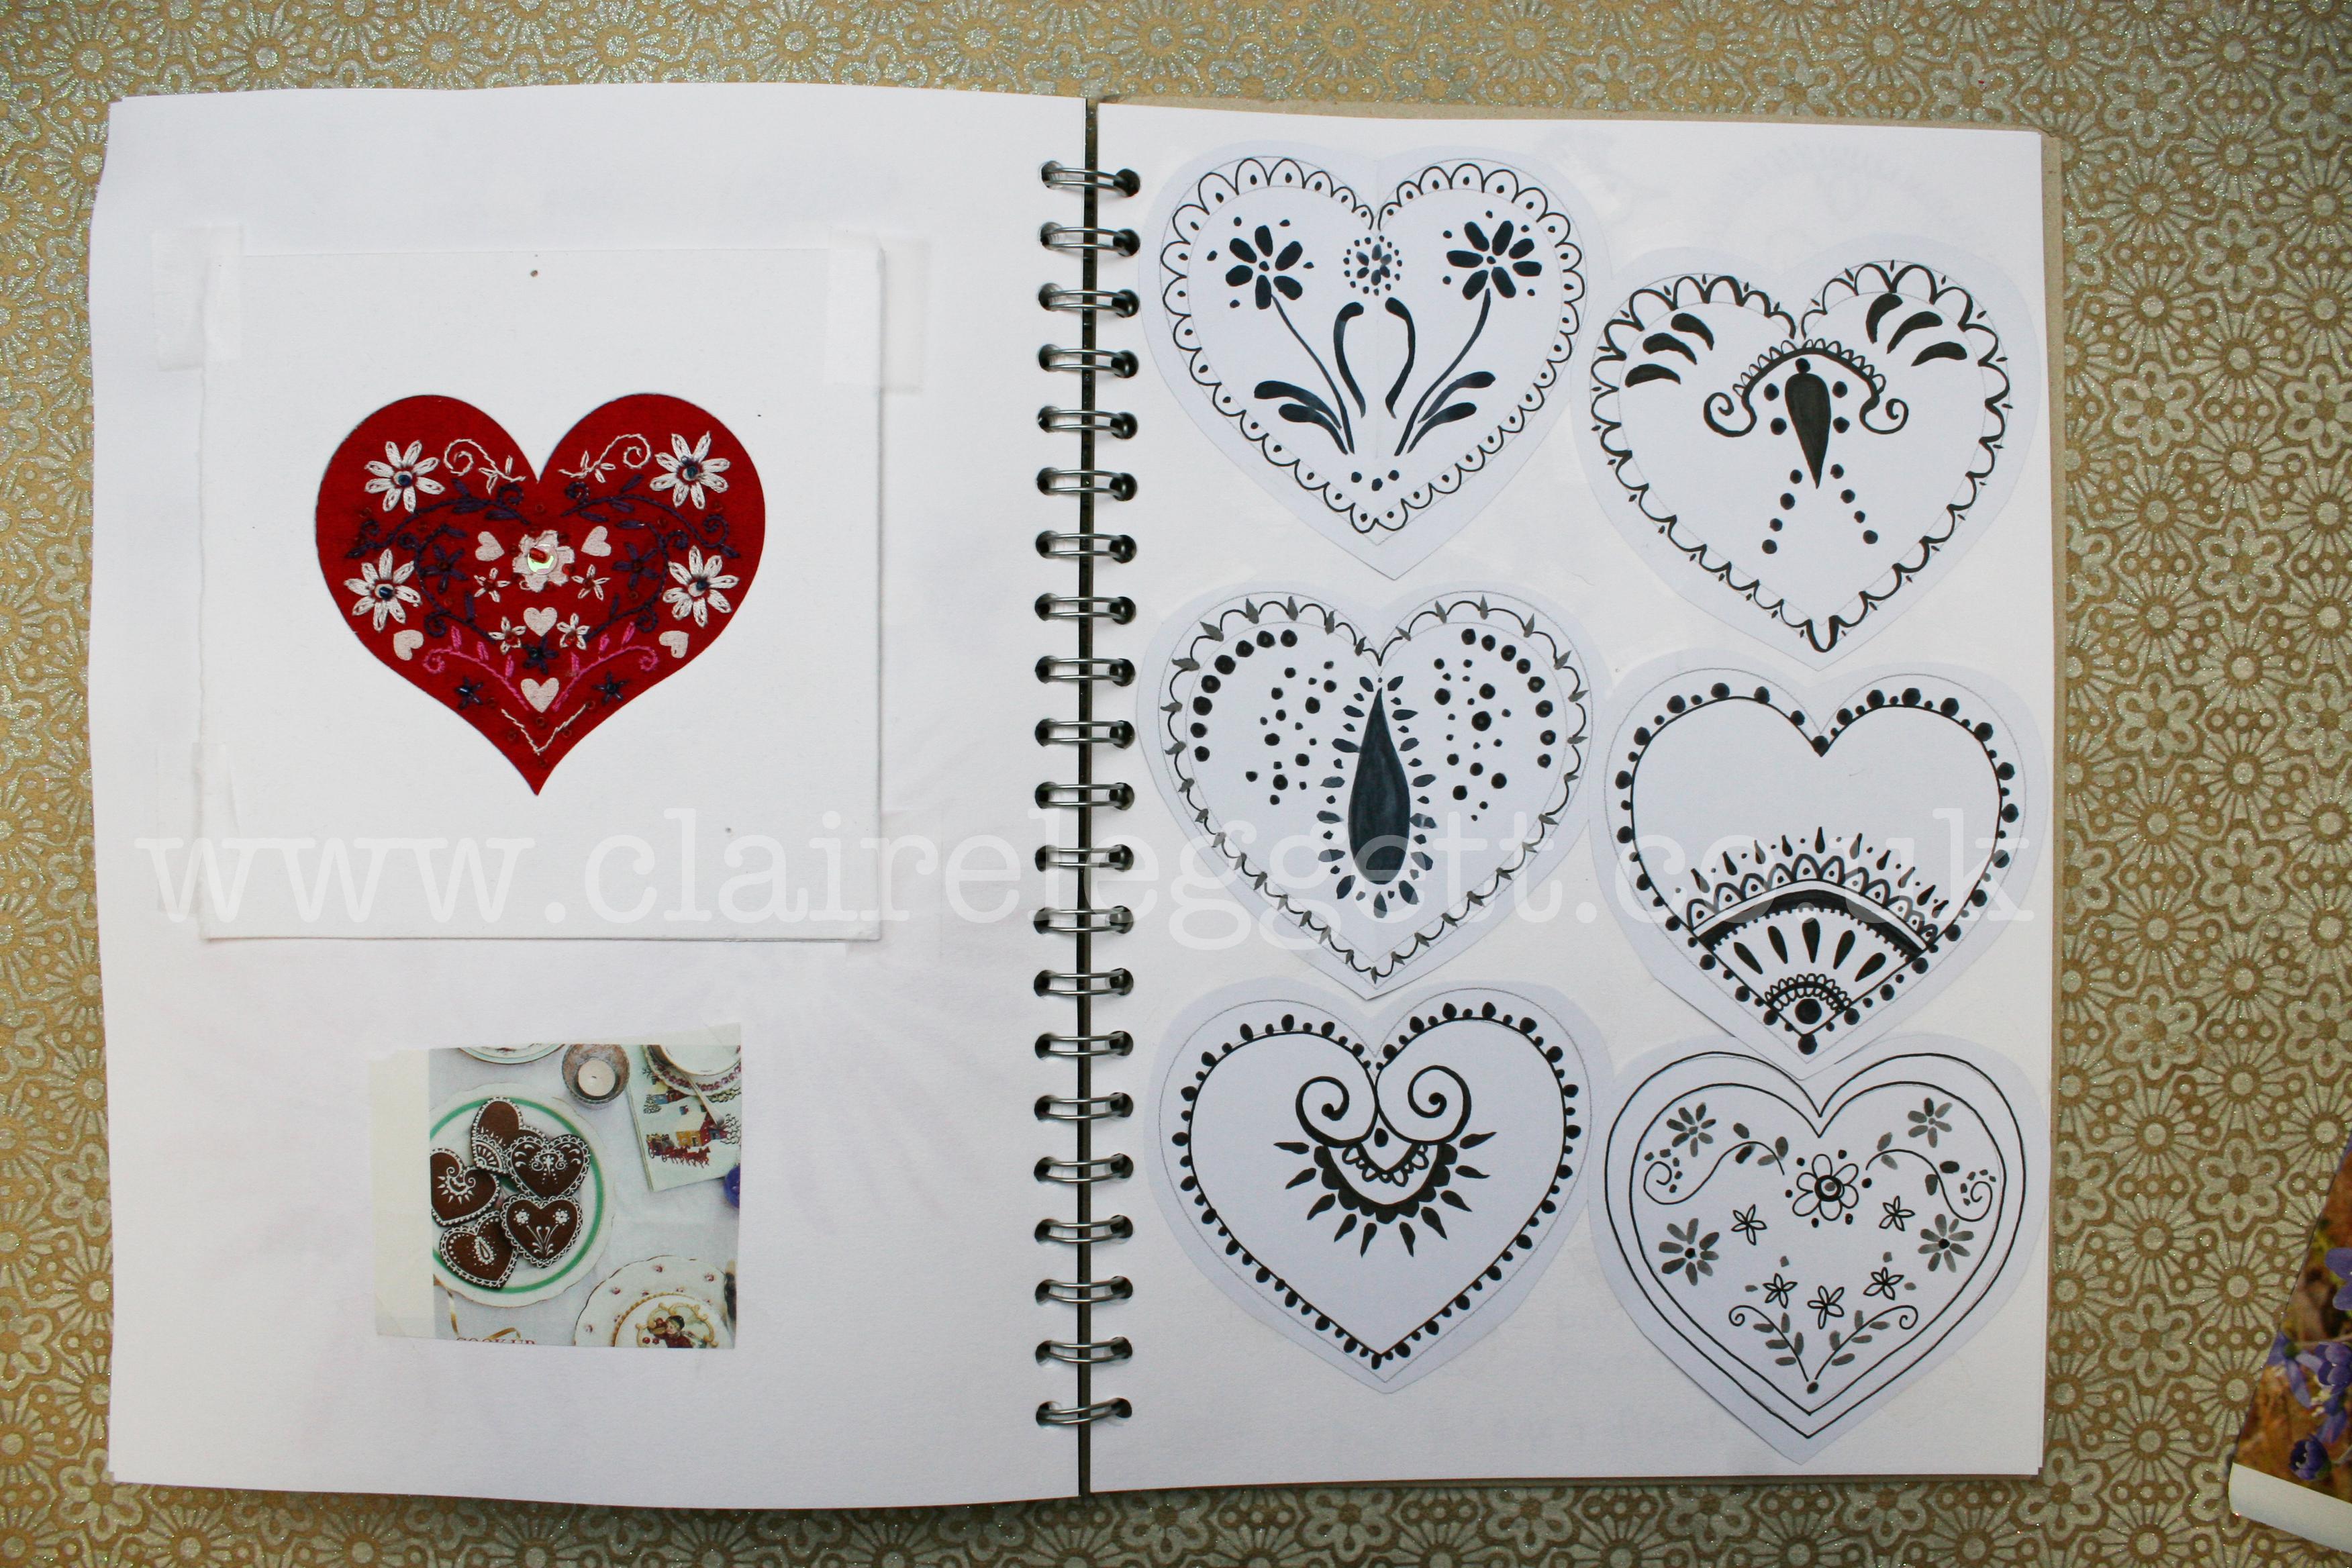 claire_leggett_artist_designer_1